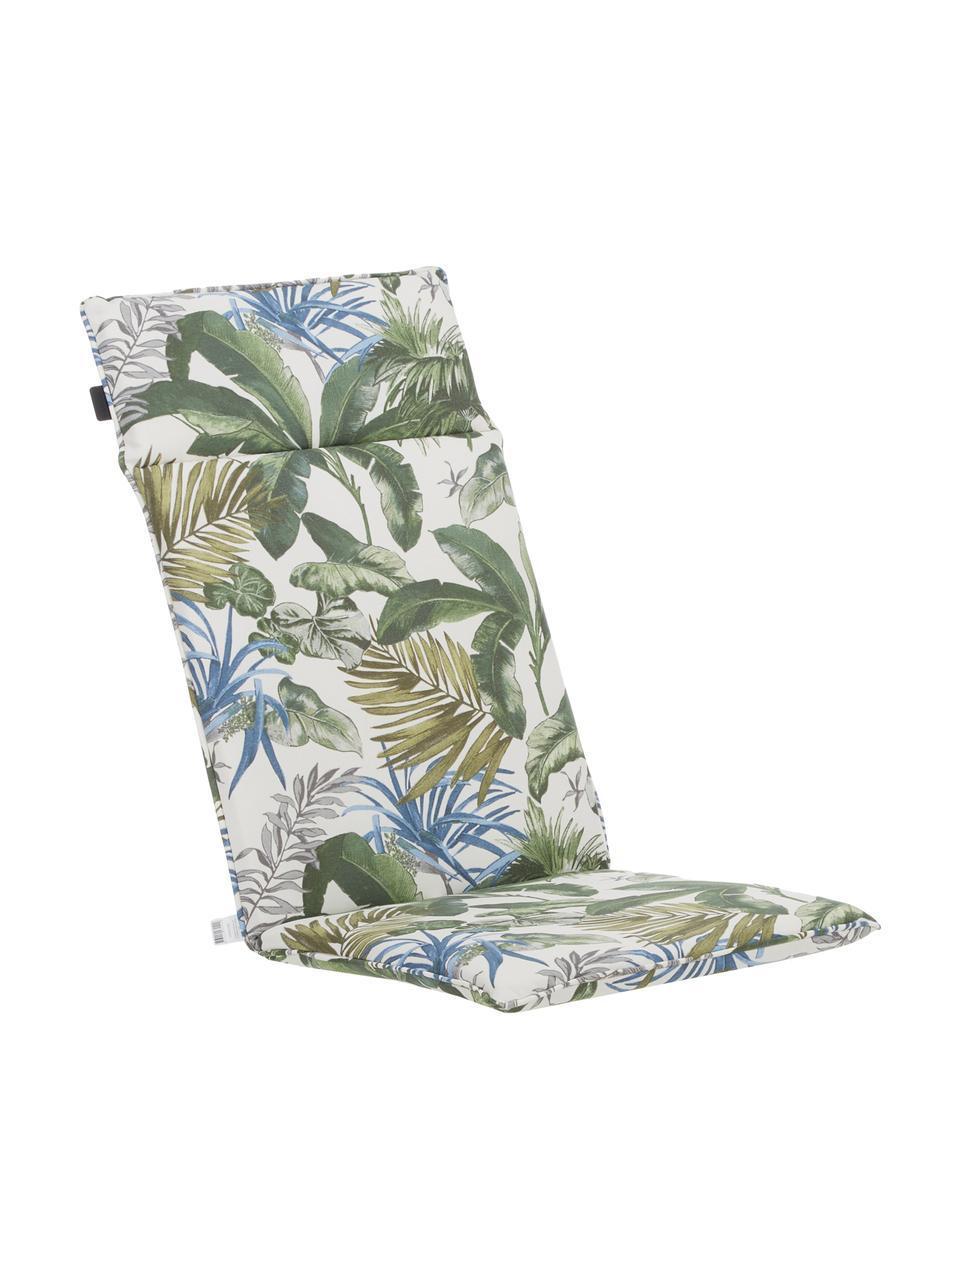 Wodoodporna nakładka na siedzisko z oparciem Bliss, Tapicerka: 50% bawełna, 45% polieste, Kremowy, odcienie zielonego i odcienie niebieskiego, S 50 x D 120 cm